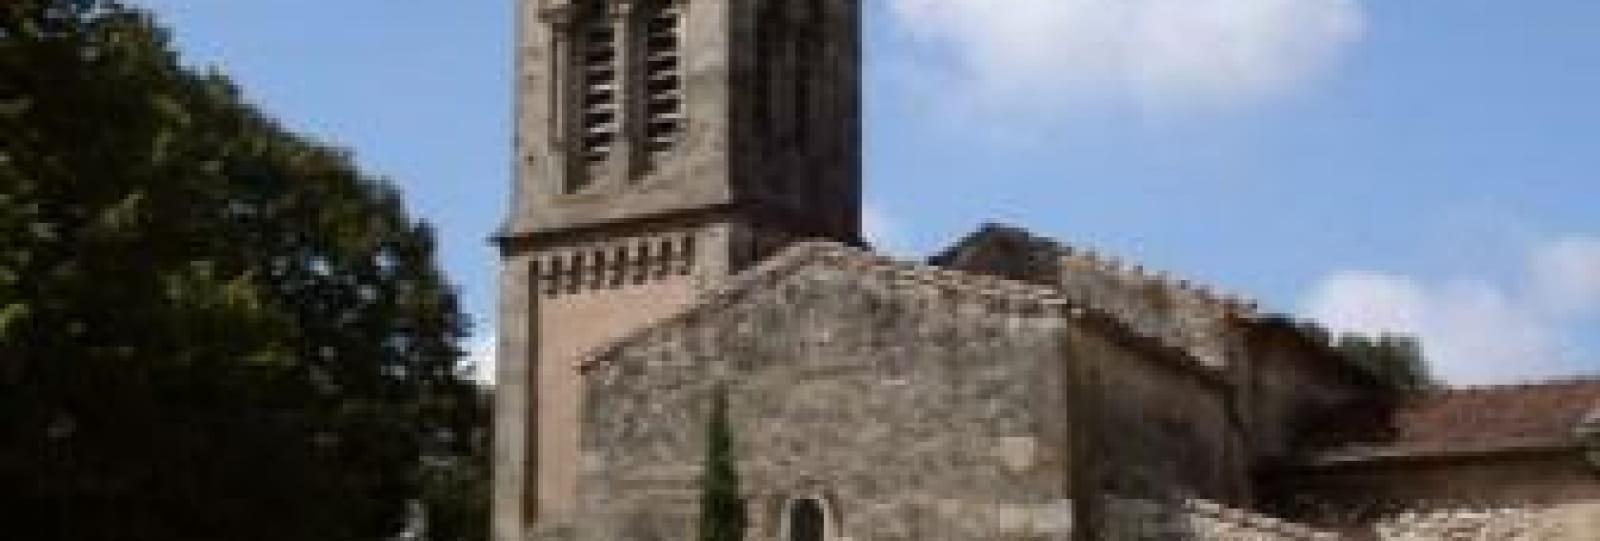 Eglise Romane de Saint-Didier